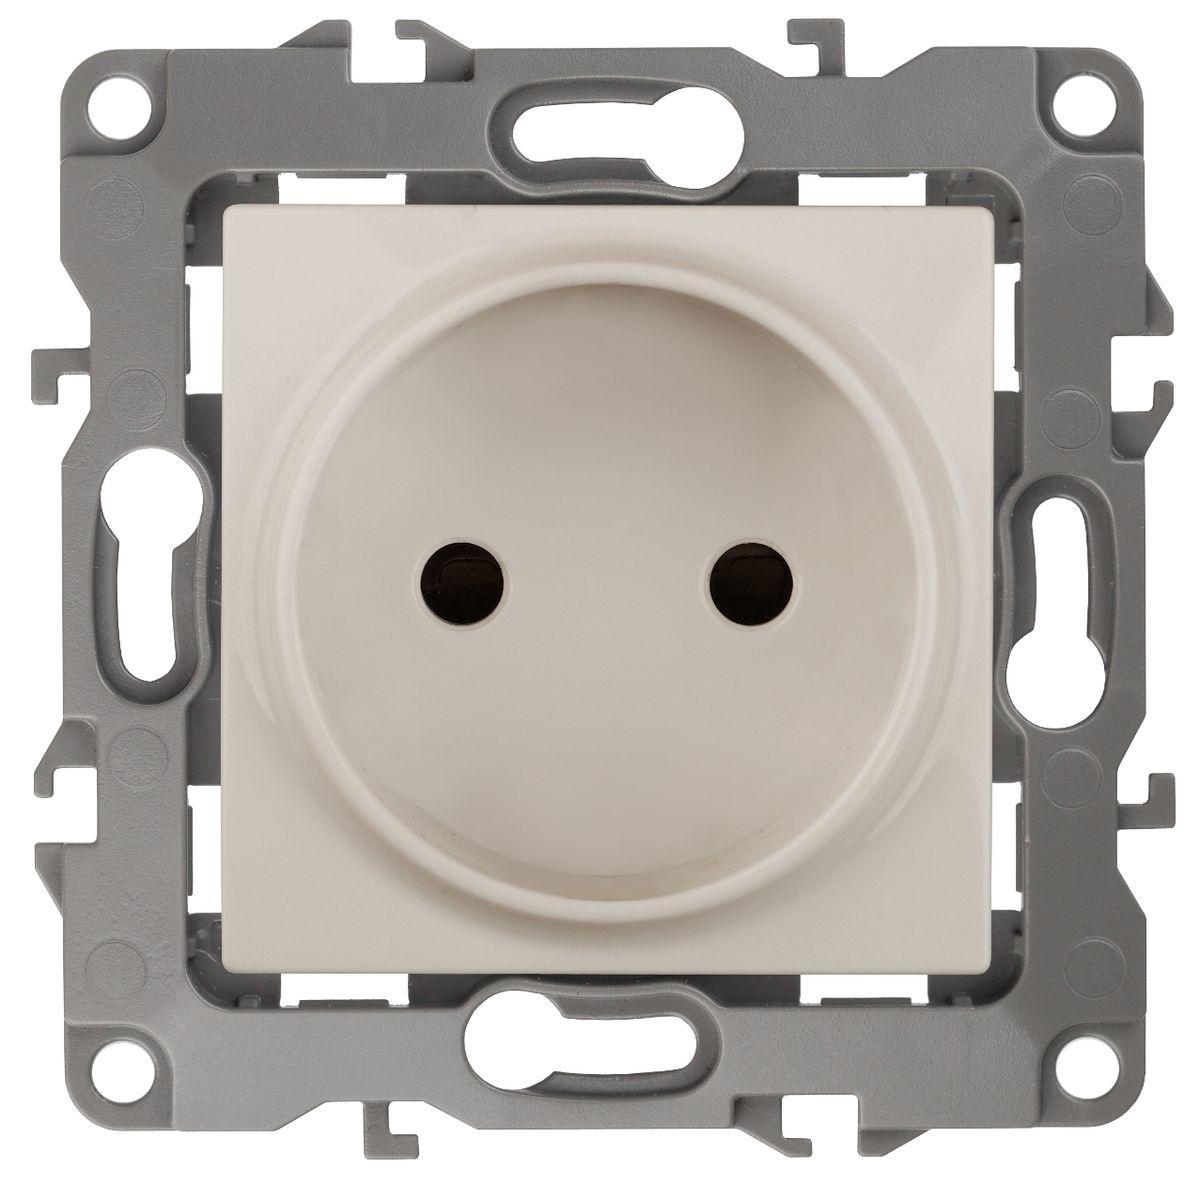 Розетка ЭРА 2P, 16АХ-250В, Эра12, слоновая кость12-2105-02Автоматические зажимы. Такие зажимы кабеля обеспечивают быстрый и надежный монтаж изделия к электросети без отвертки и не требуют обслуживания в отличие от винтовых зажимов.